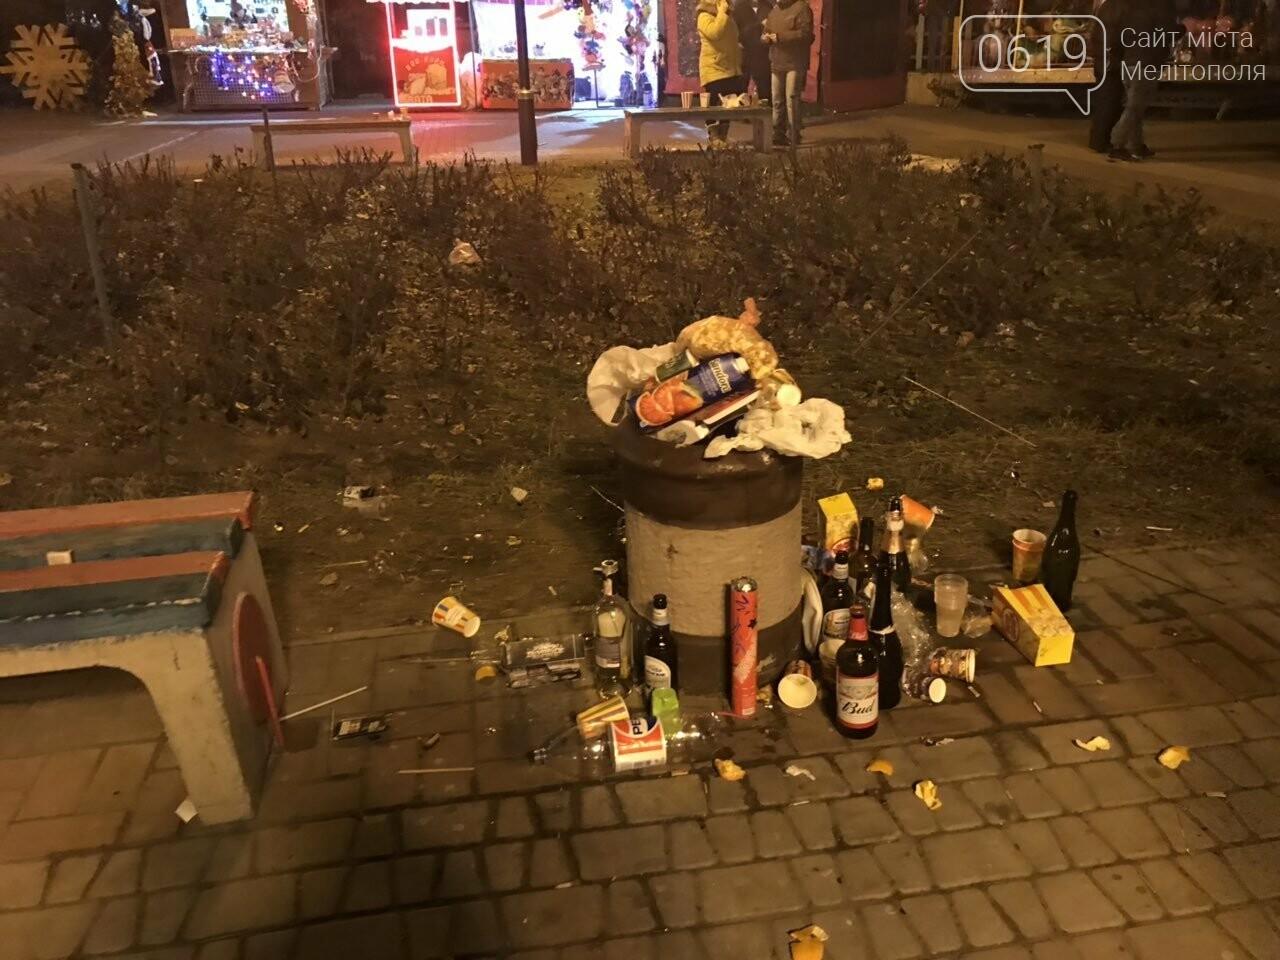 В новогоднюю ночь мелитопольцы превратили площадь в свалку, фото-3, Фото сайта 0619